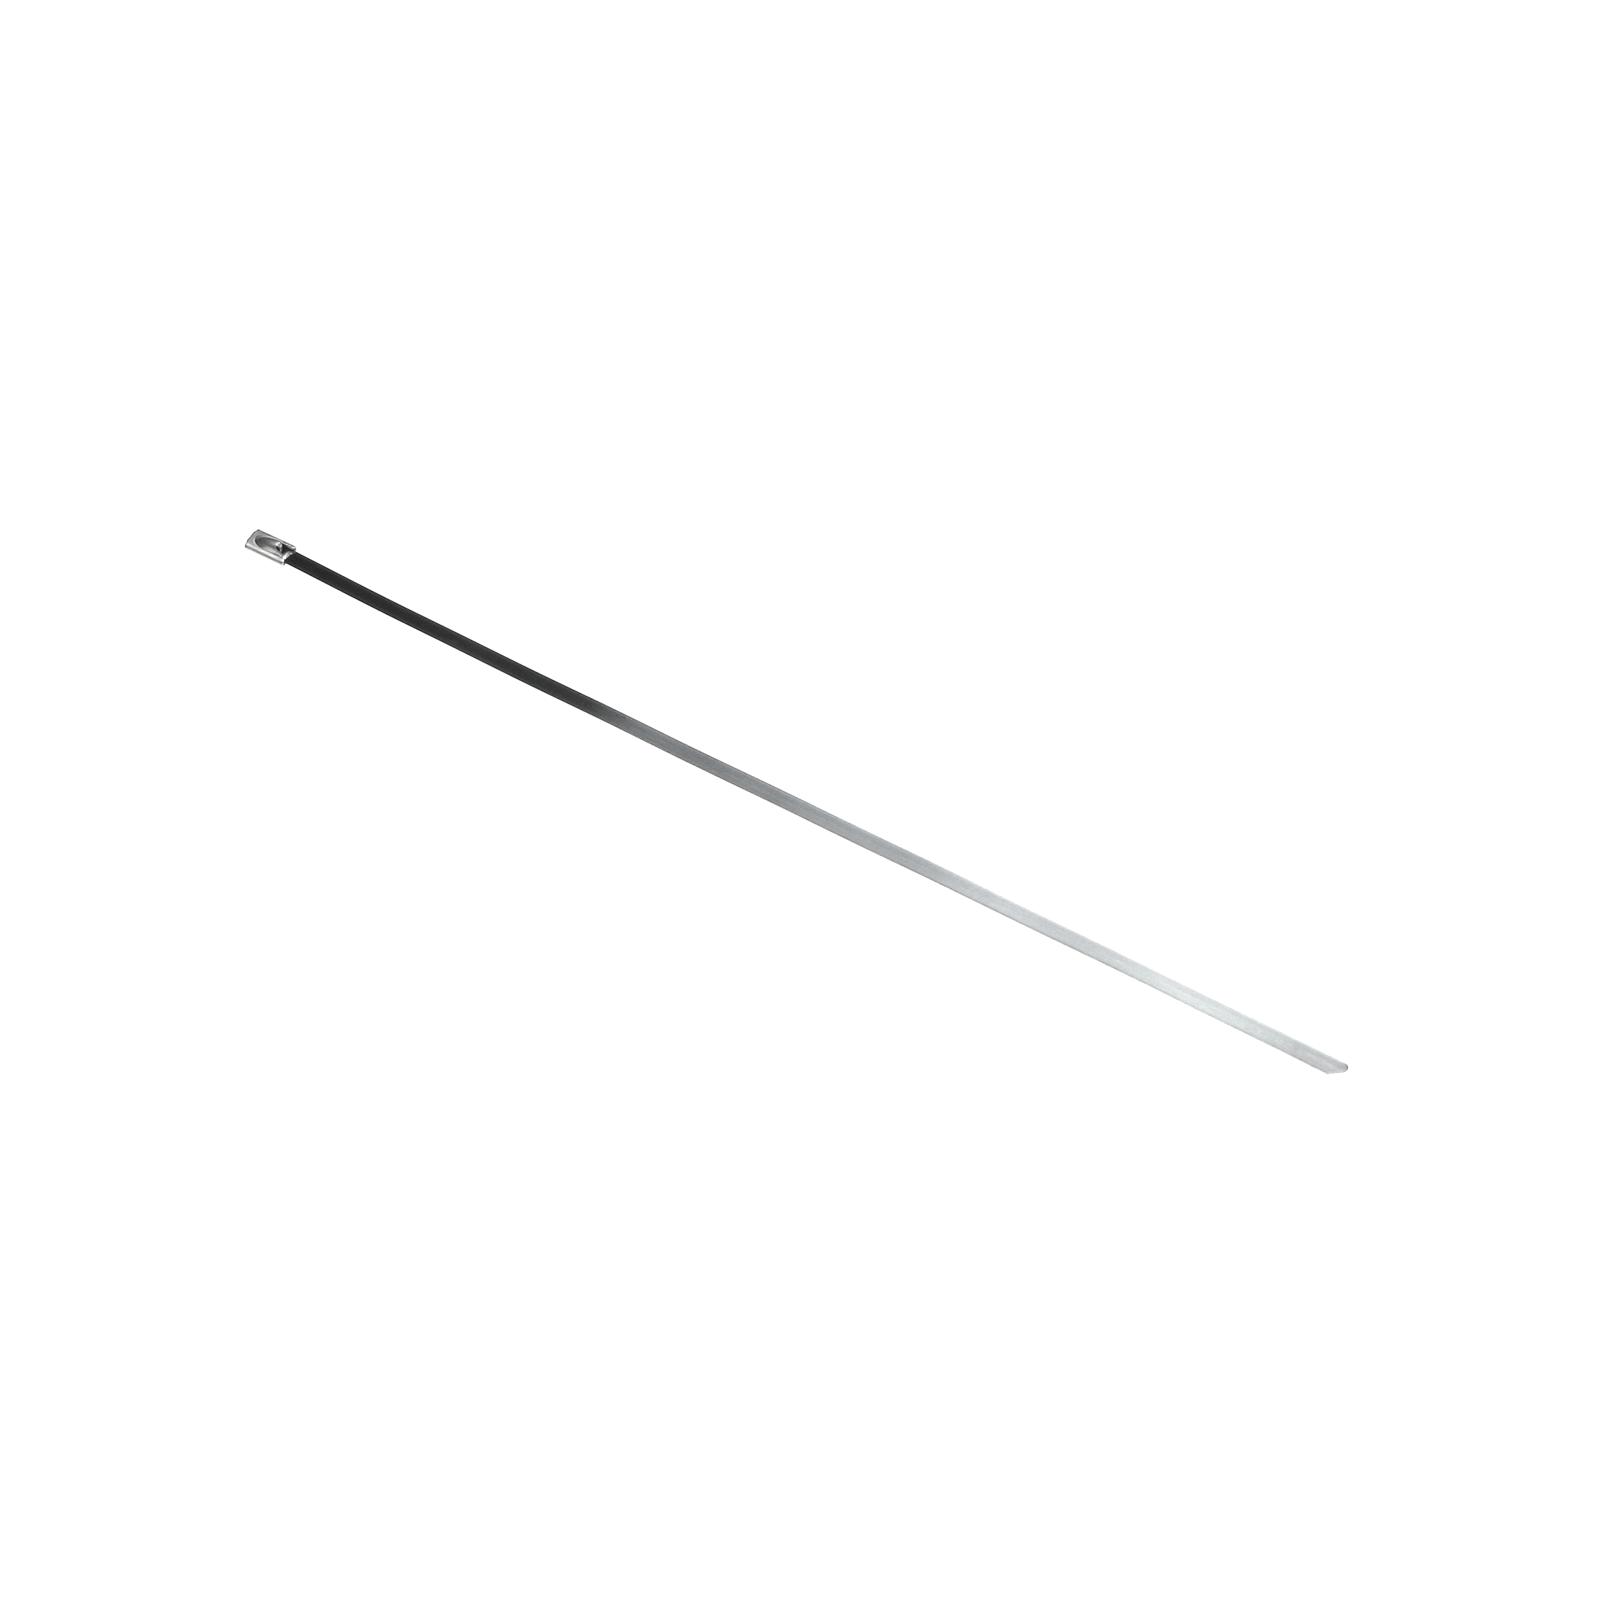 50x Kabelbinder Edelstahl 290 x 4,6 mm - selbstverriegelnd - 10,90 €